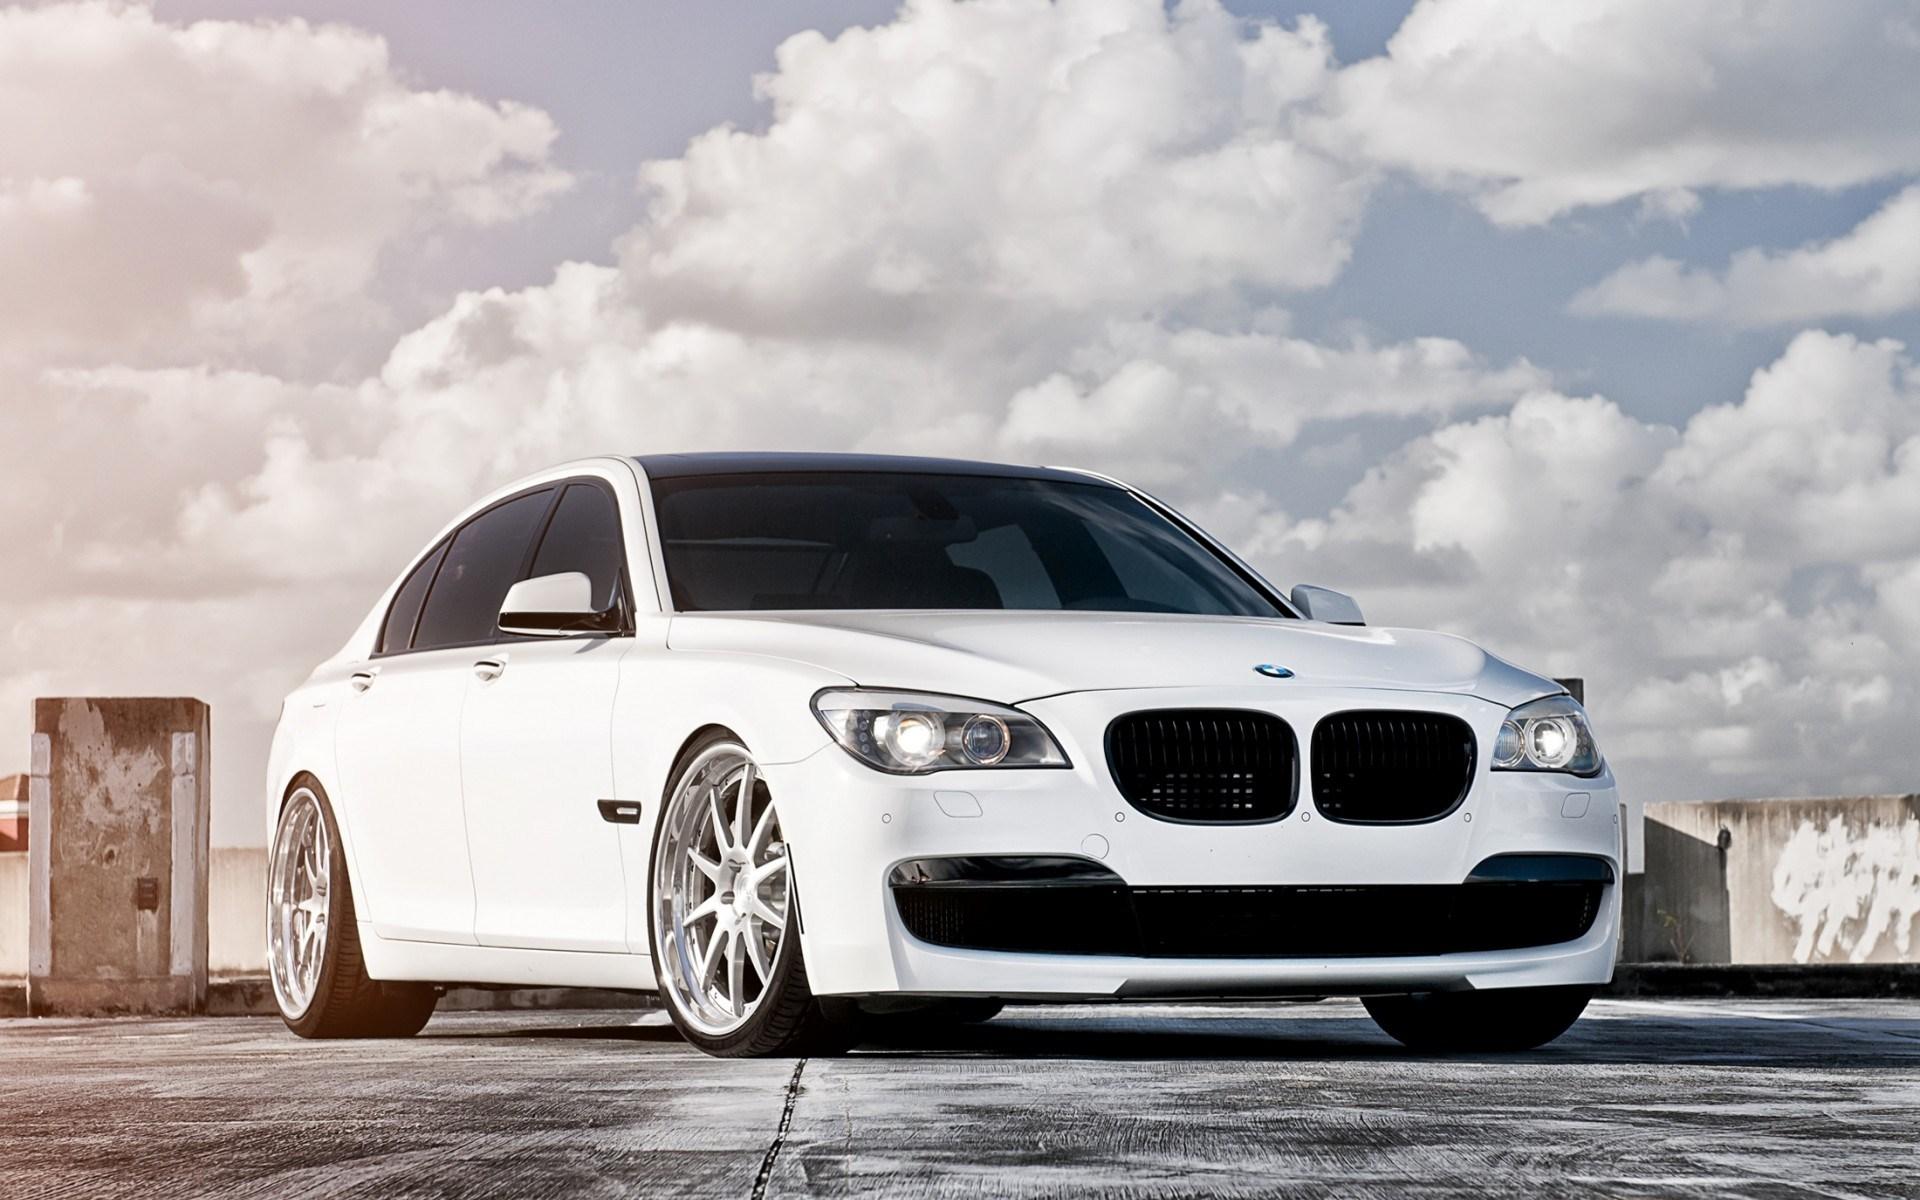 White BMW Wallpaper